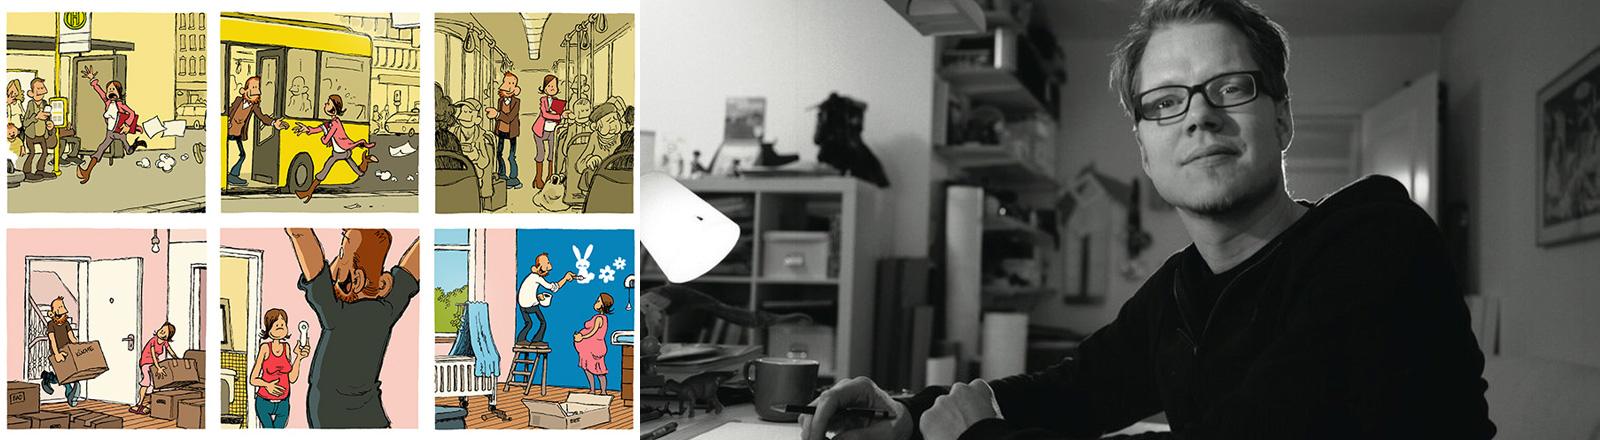 Flix in seinem Atelier